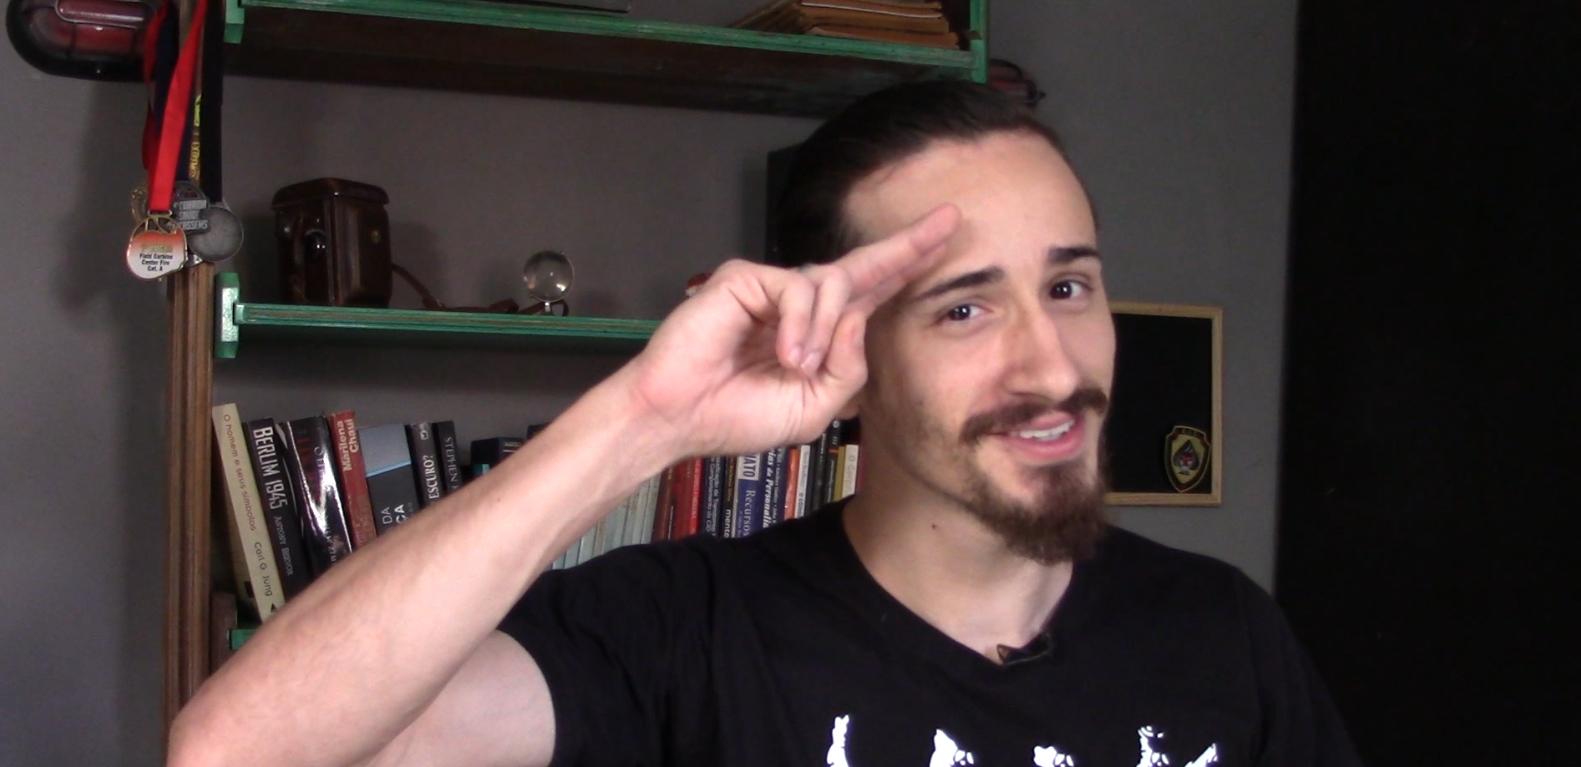 Pergunte ao Lobo 04: Karambit, E-book e câmera nova!